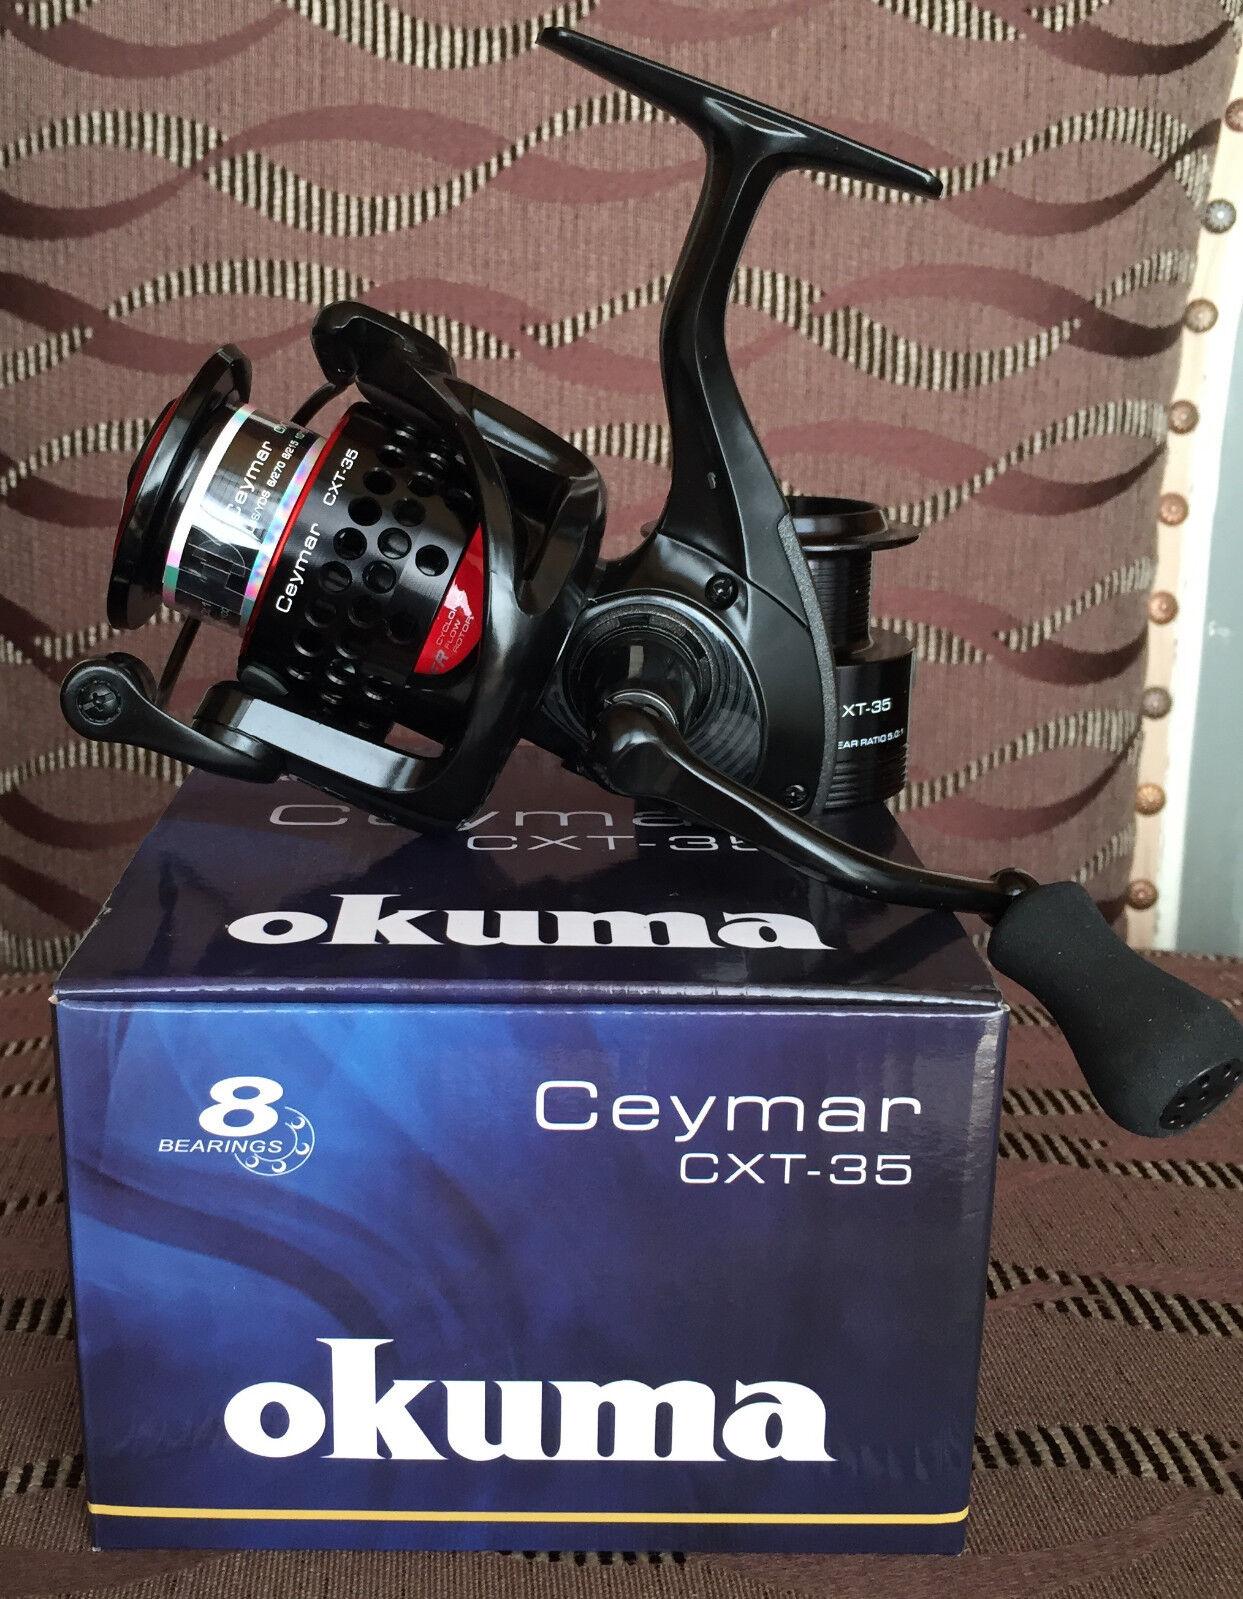 OKUMA ceymar XT cxt35 FD spinnrolle